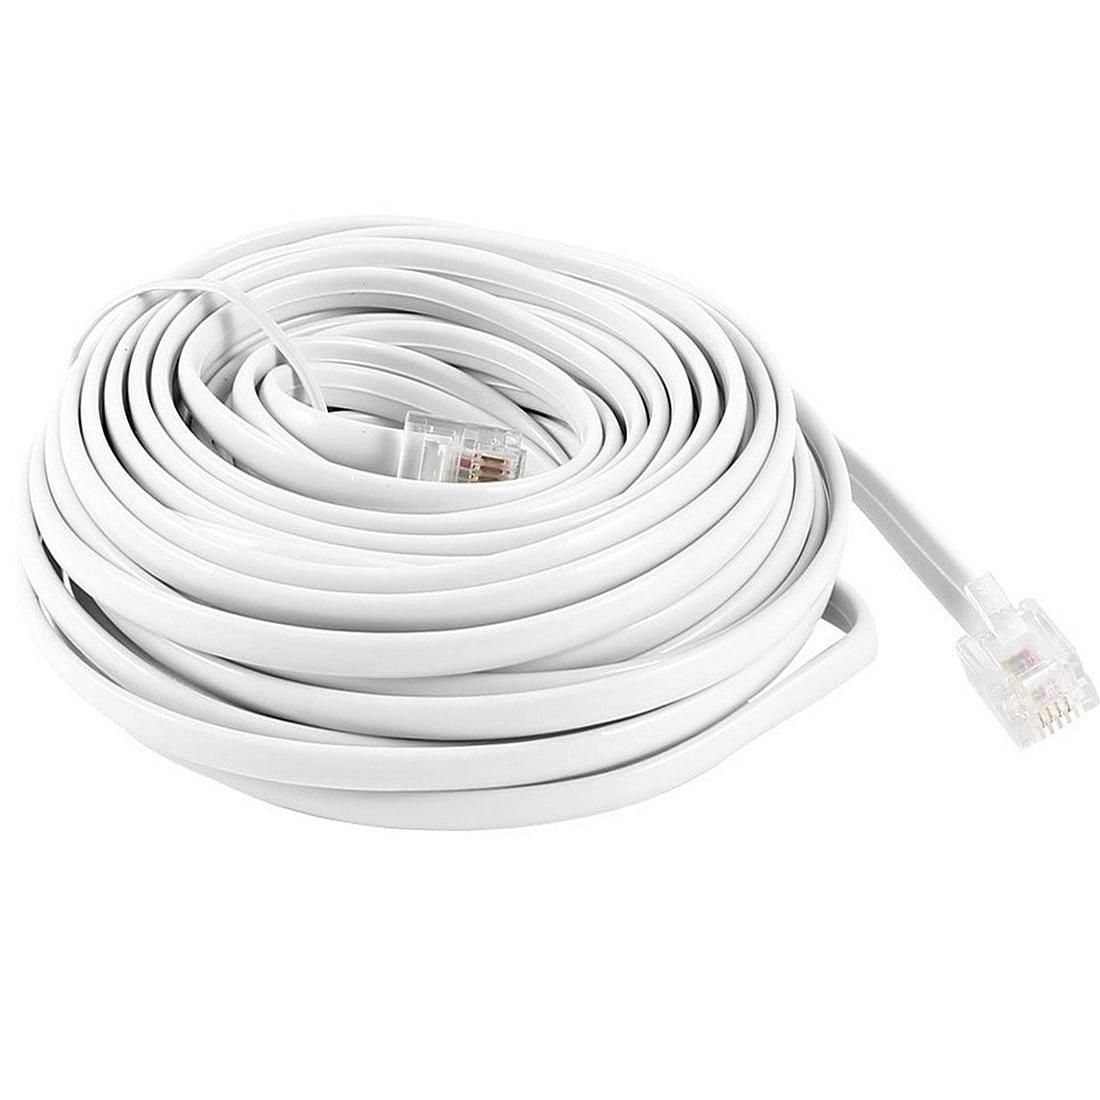 Cordon de téléphone modulaire RJ11 6P4C 10 mètres | Câble de plomb, extension, fil de cuivre pur pour Modem de téléphone fixe, fax POS ADSL